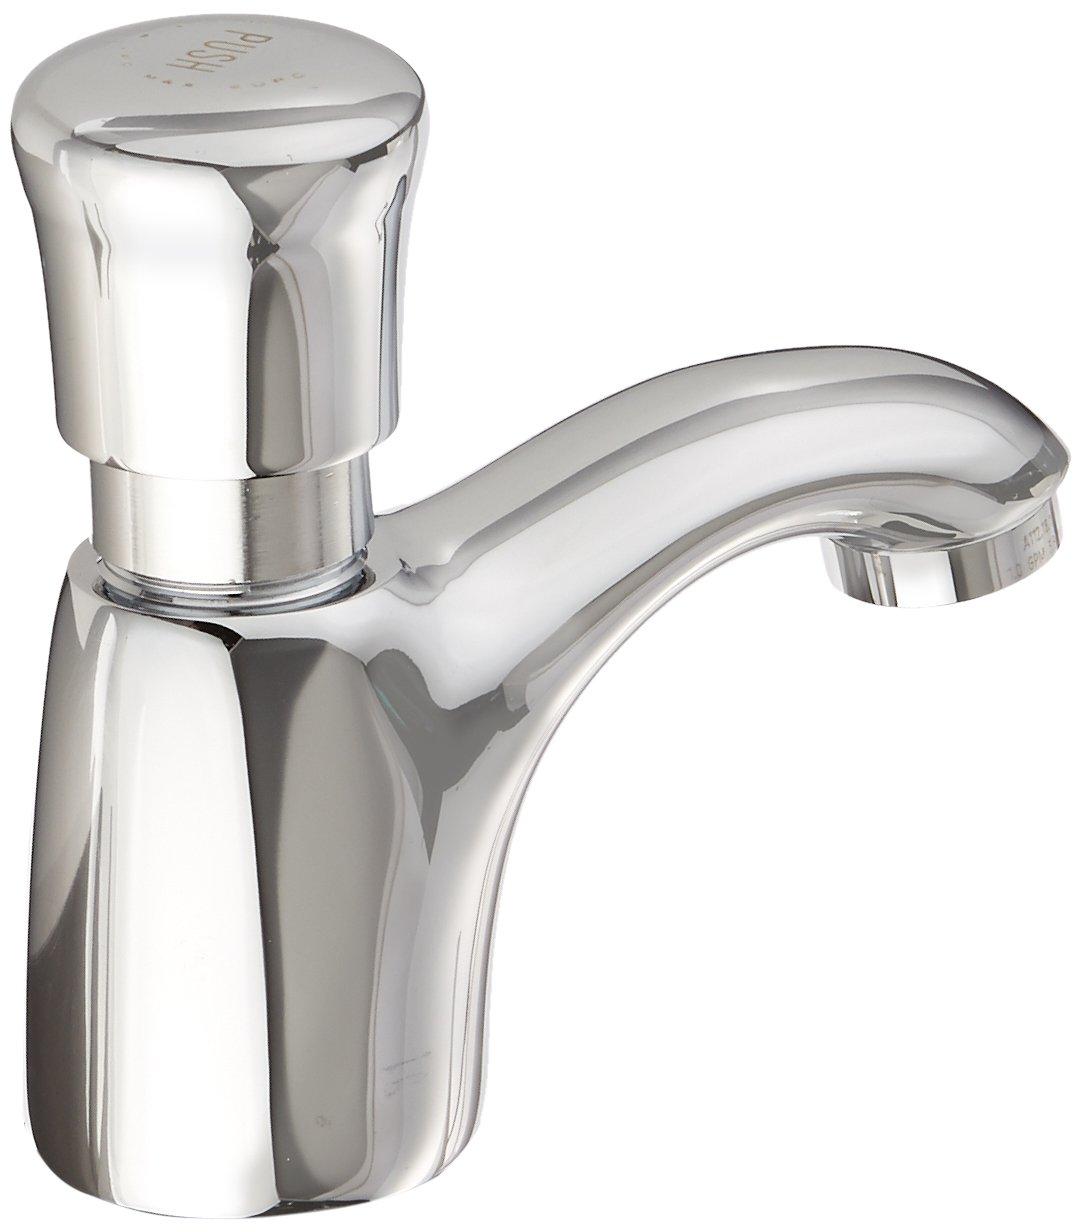 American Standard 1340.105.002 Pillar Tap Metering Faucet, Chrome ...